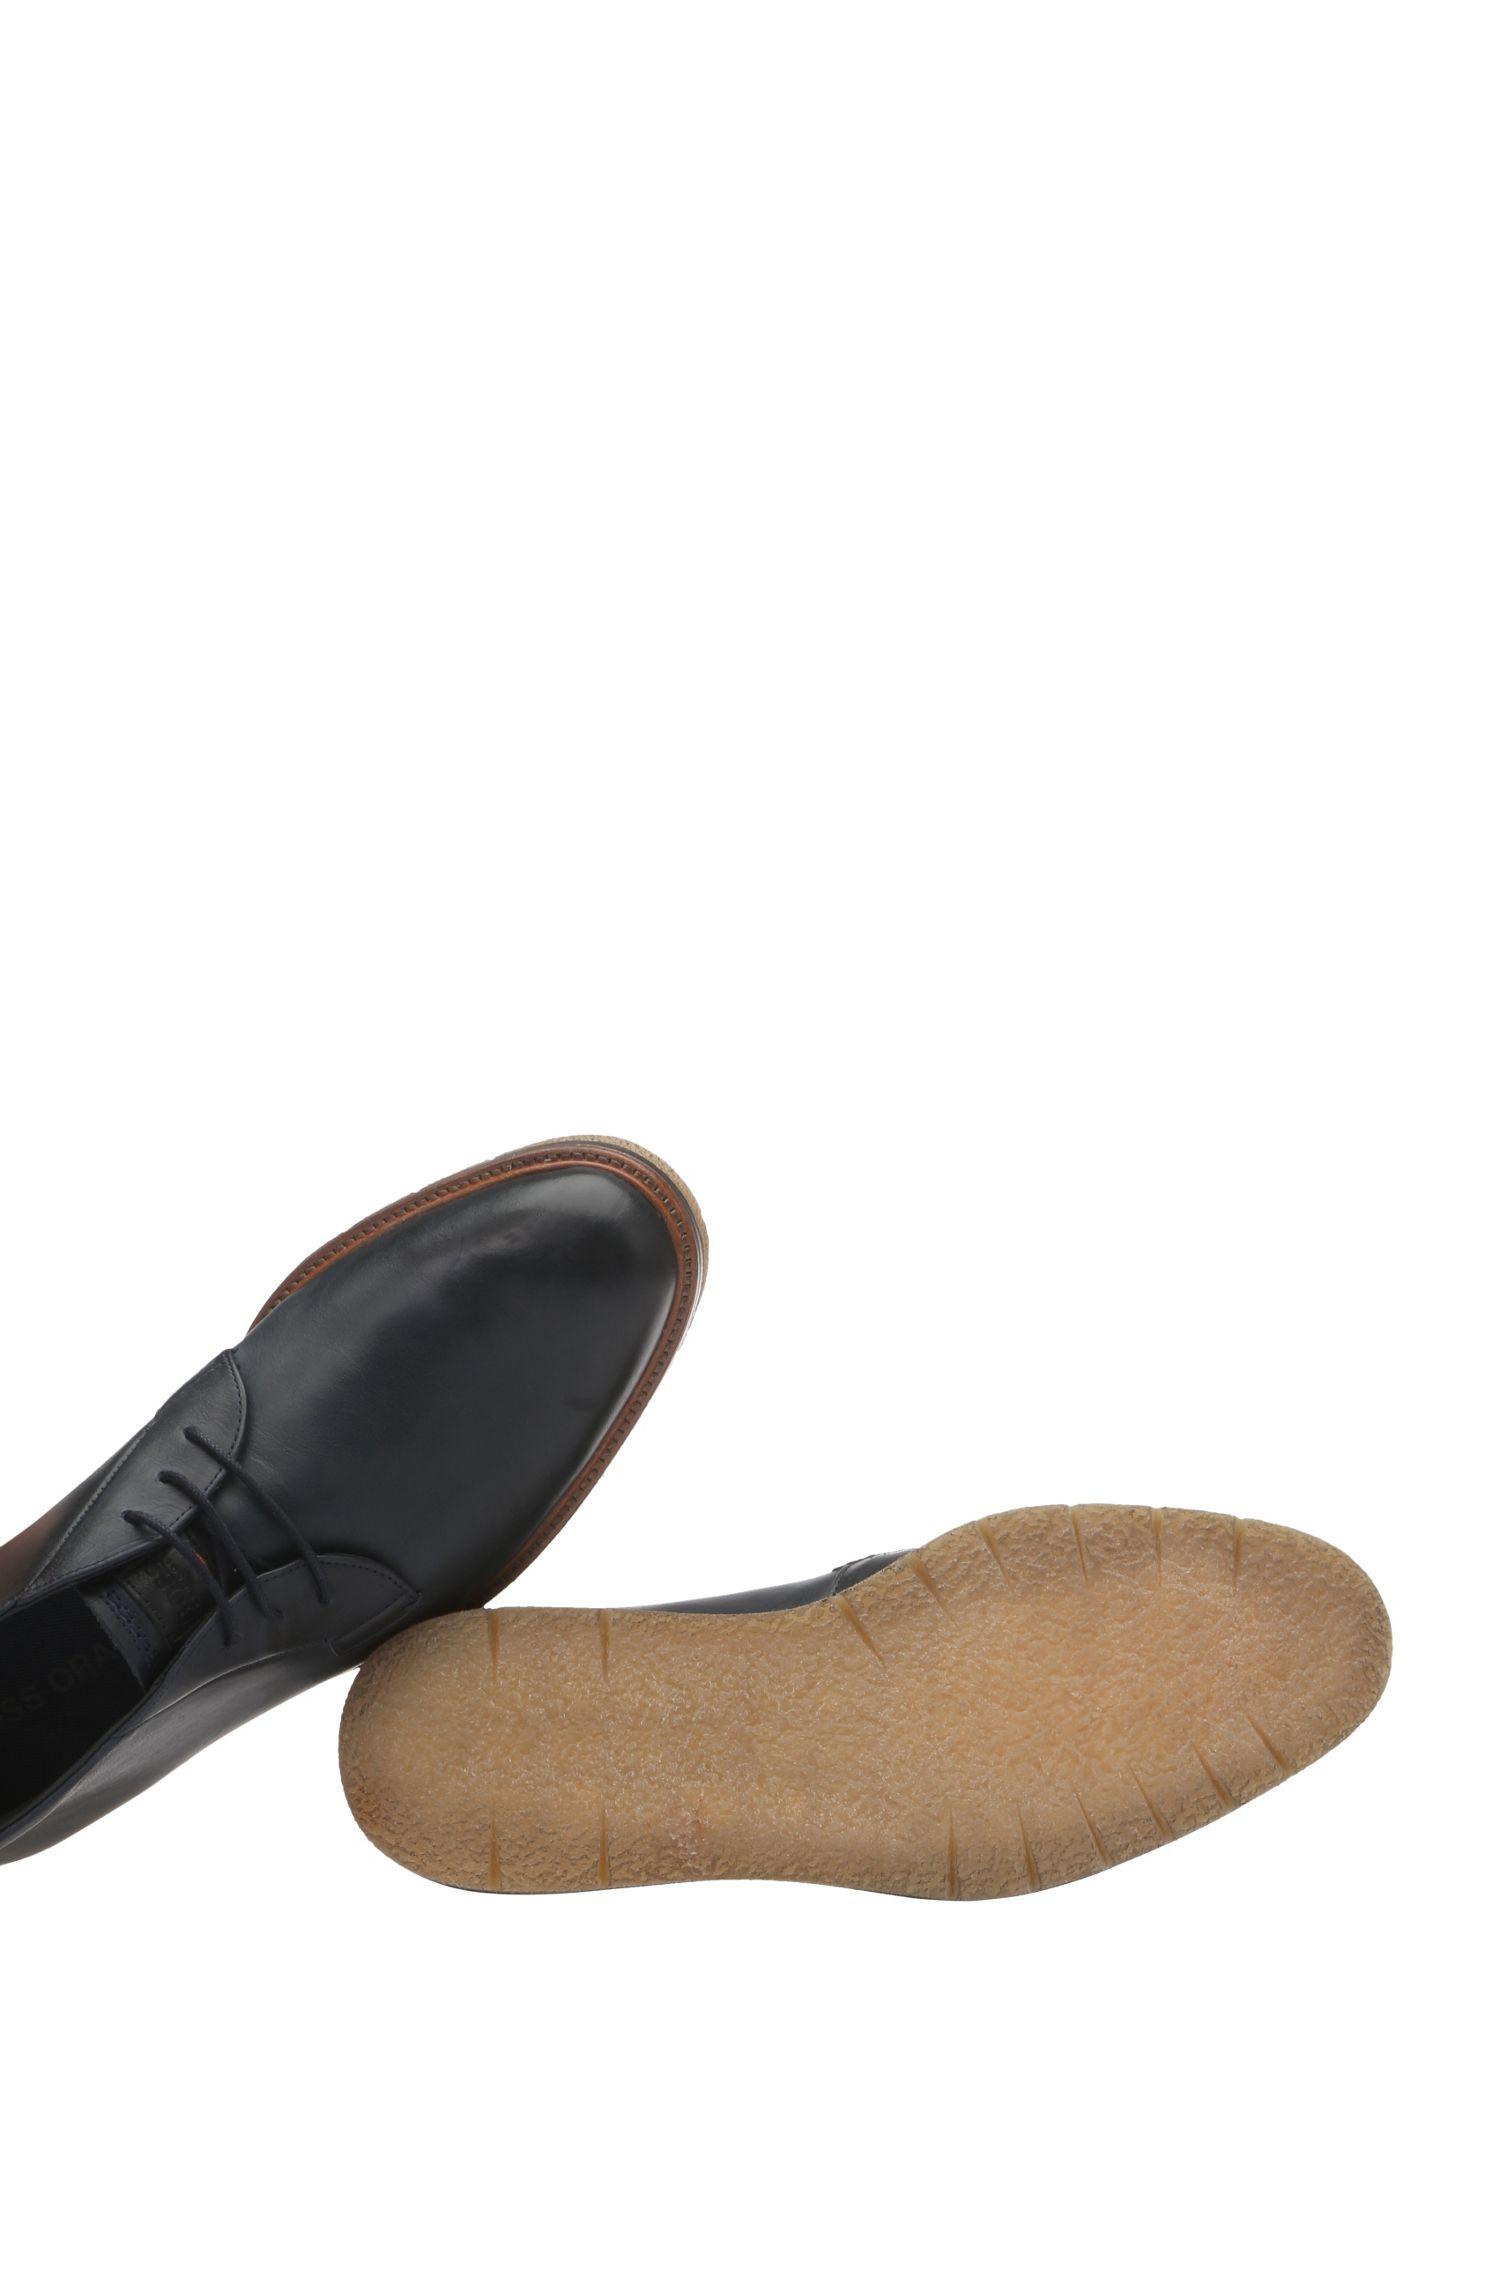 Chaussures à lacets hauteur chevilles, en cuir lisse: «Tuned_Desb_ltpl»